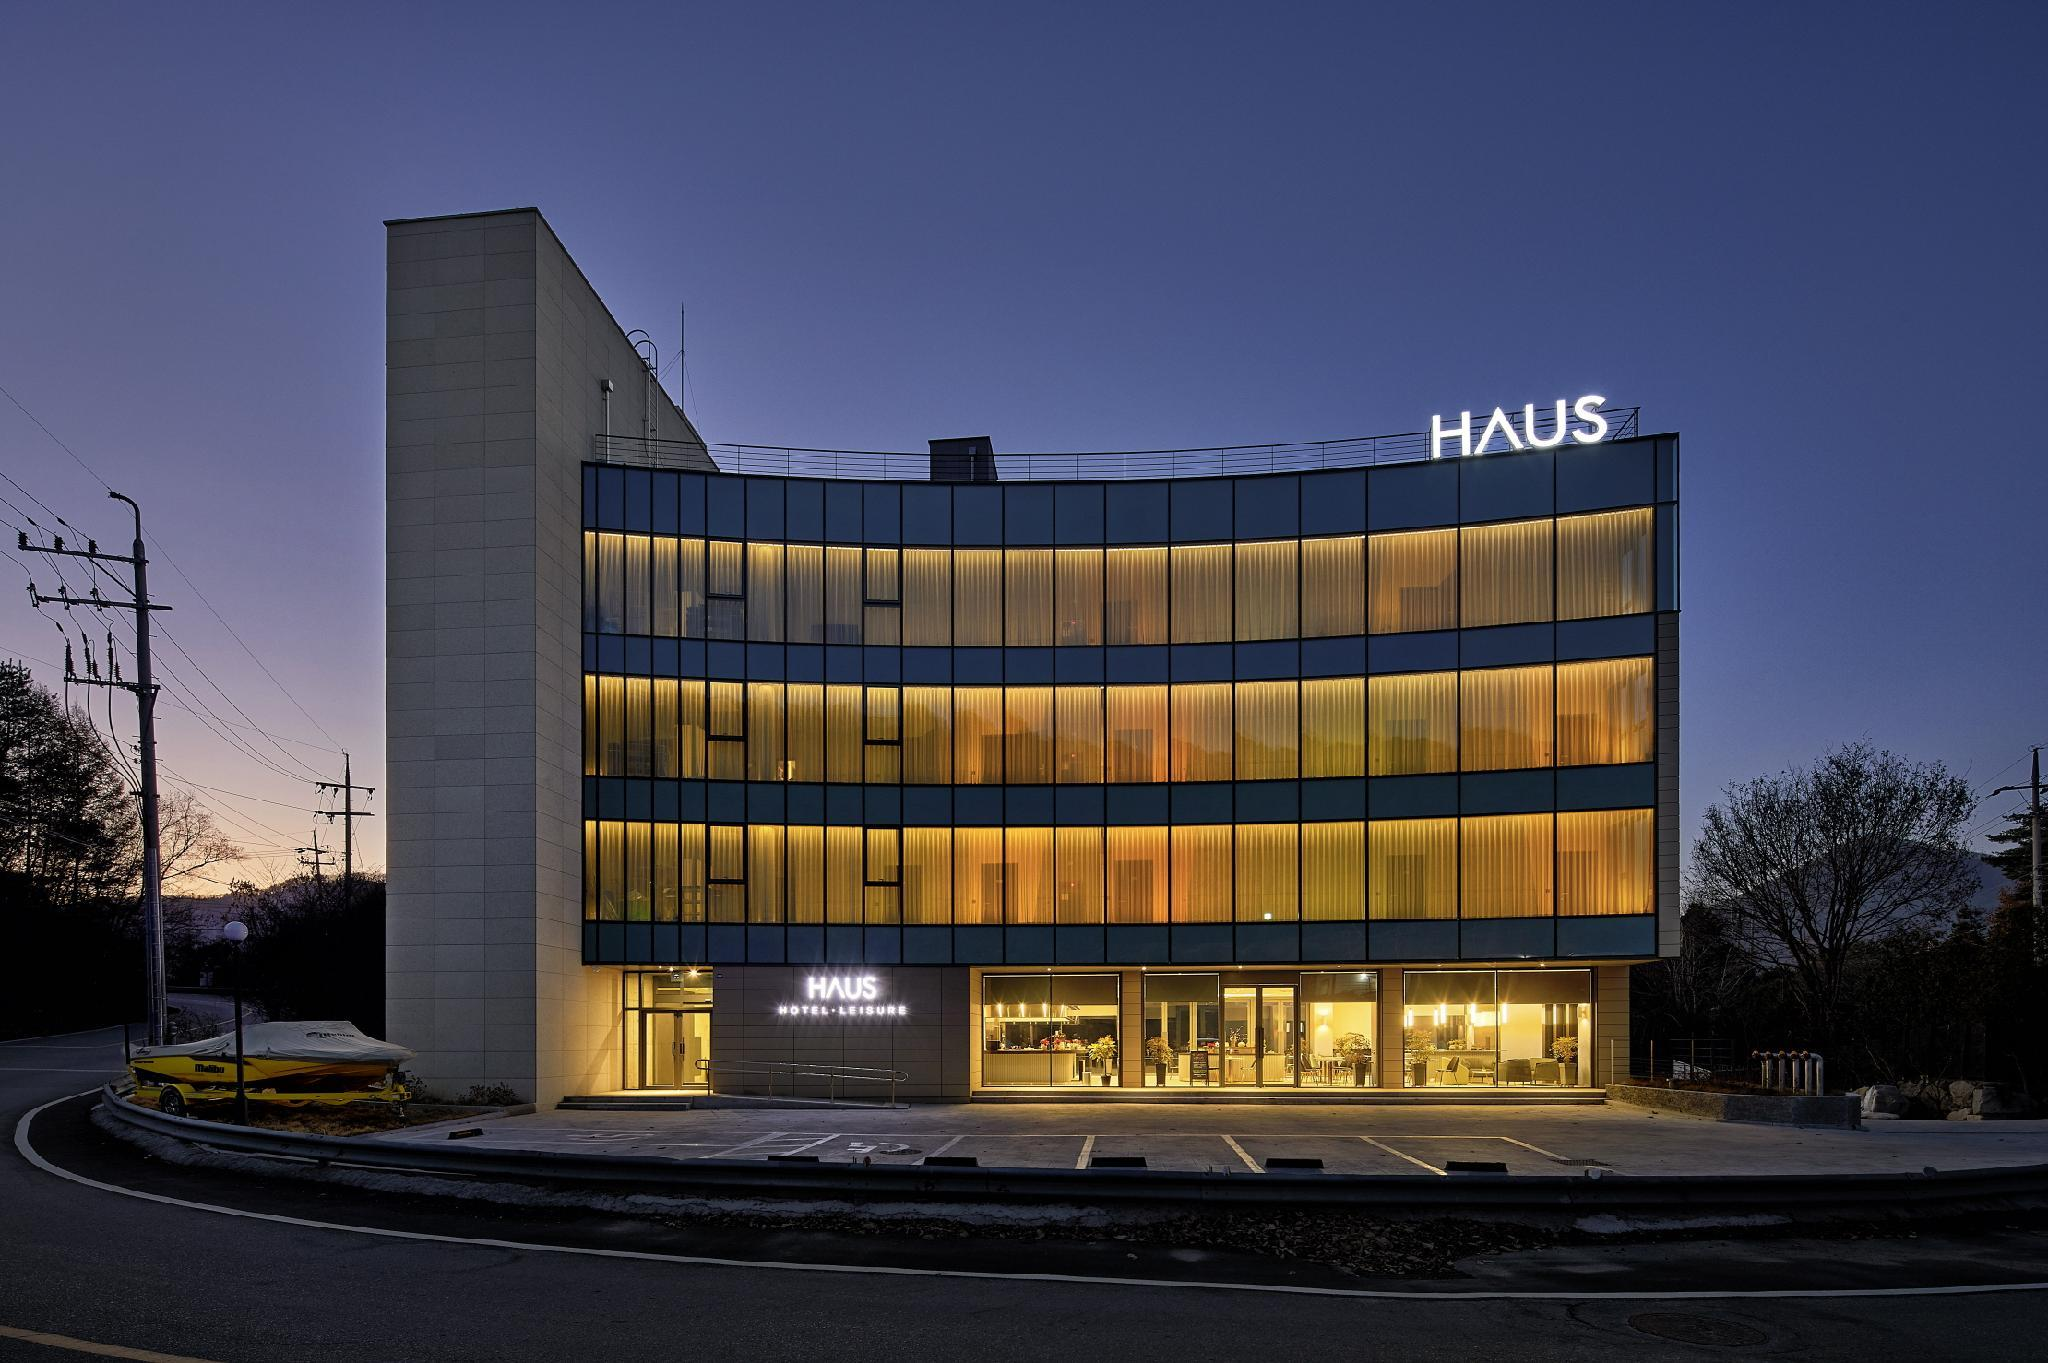 Hotel Haus